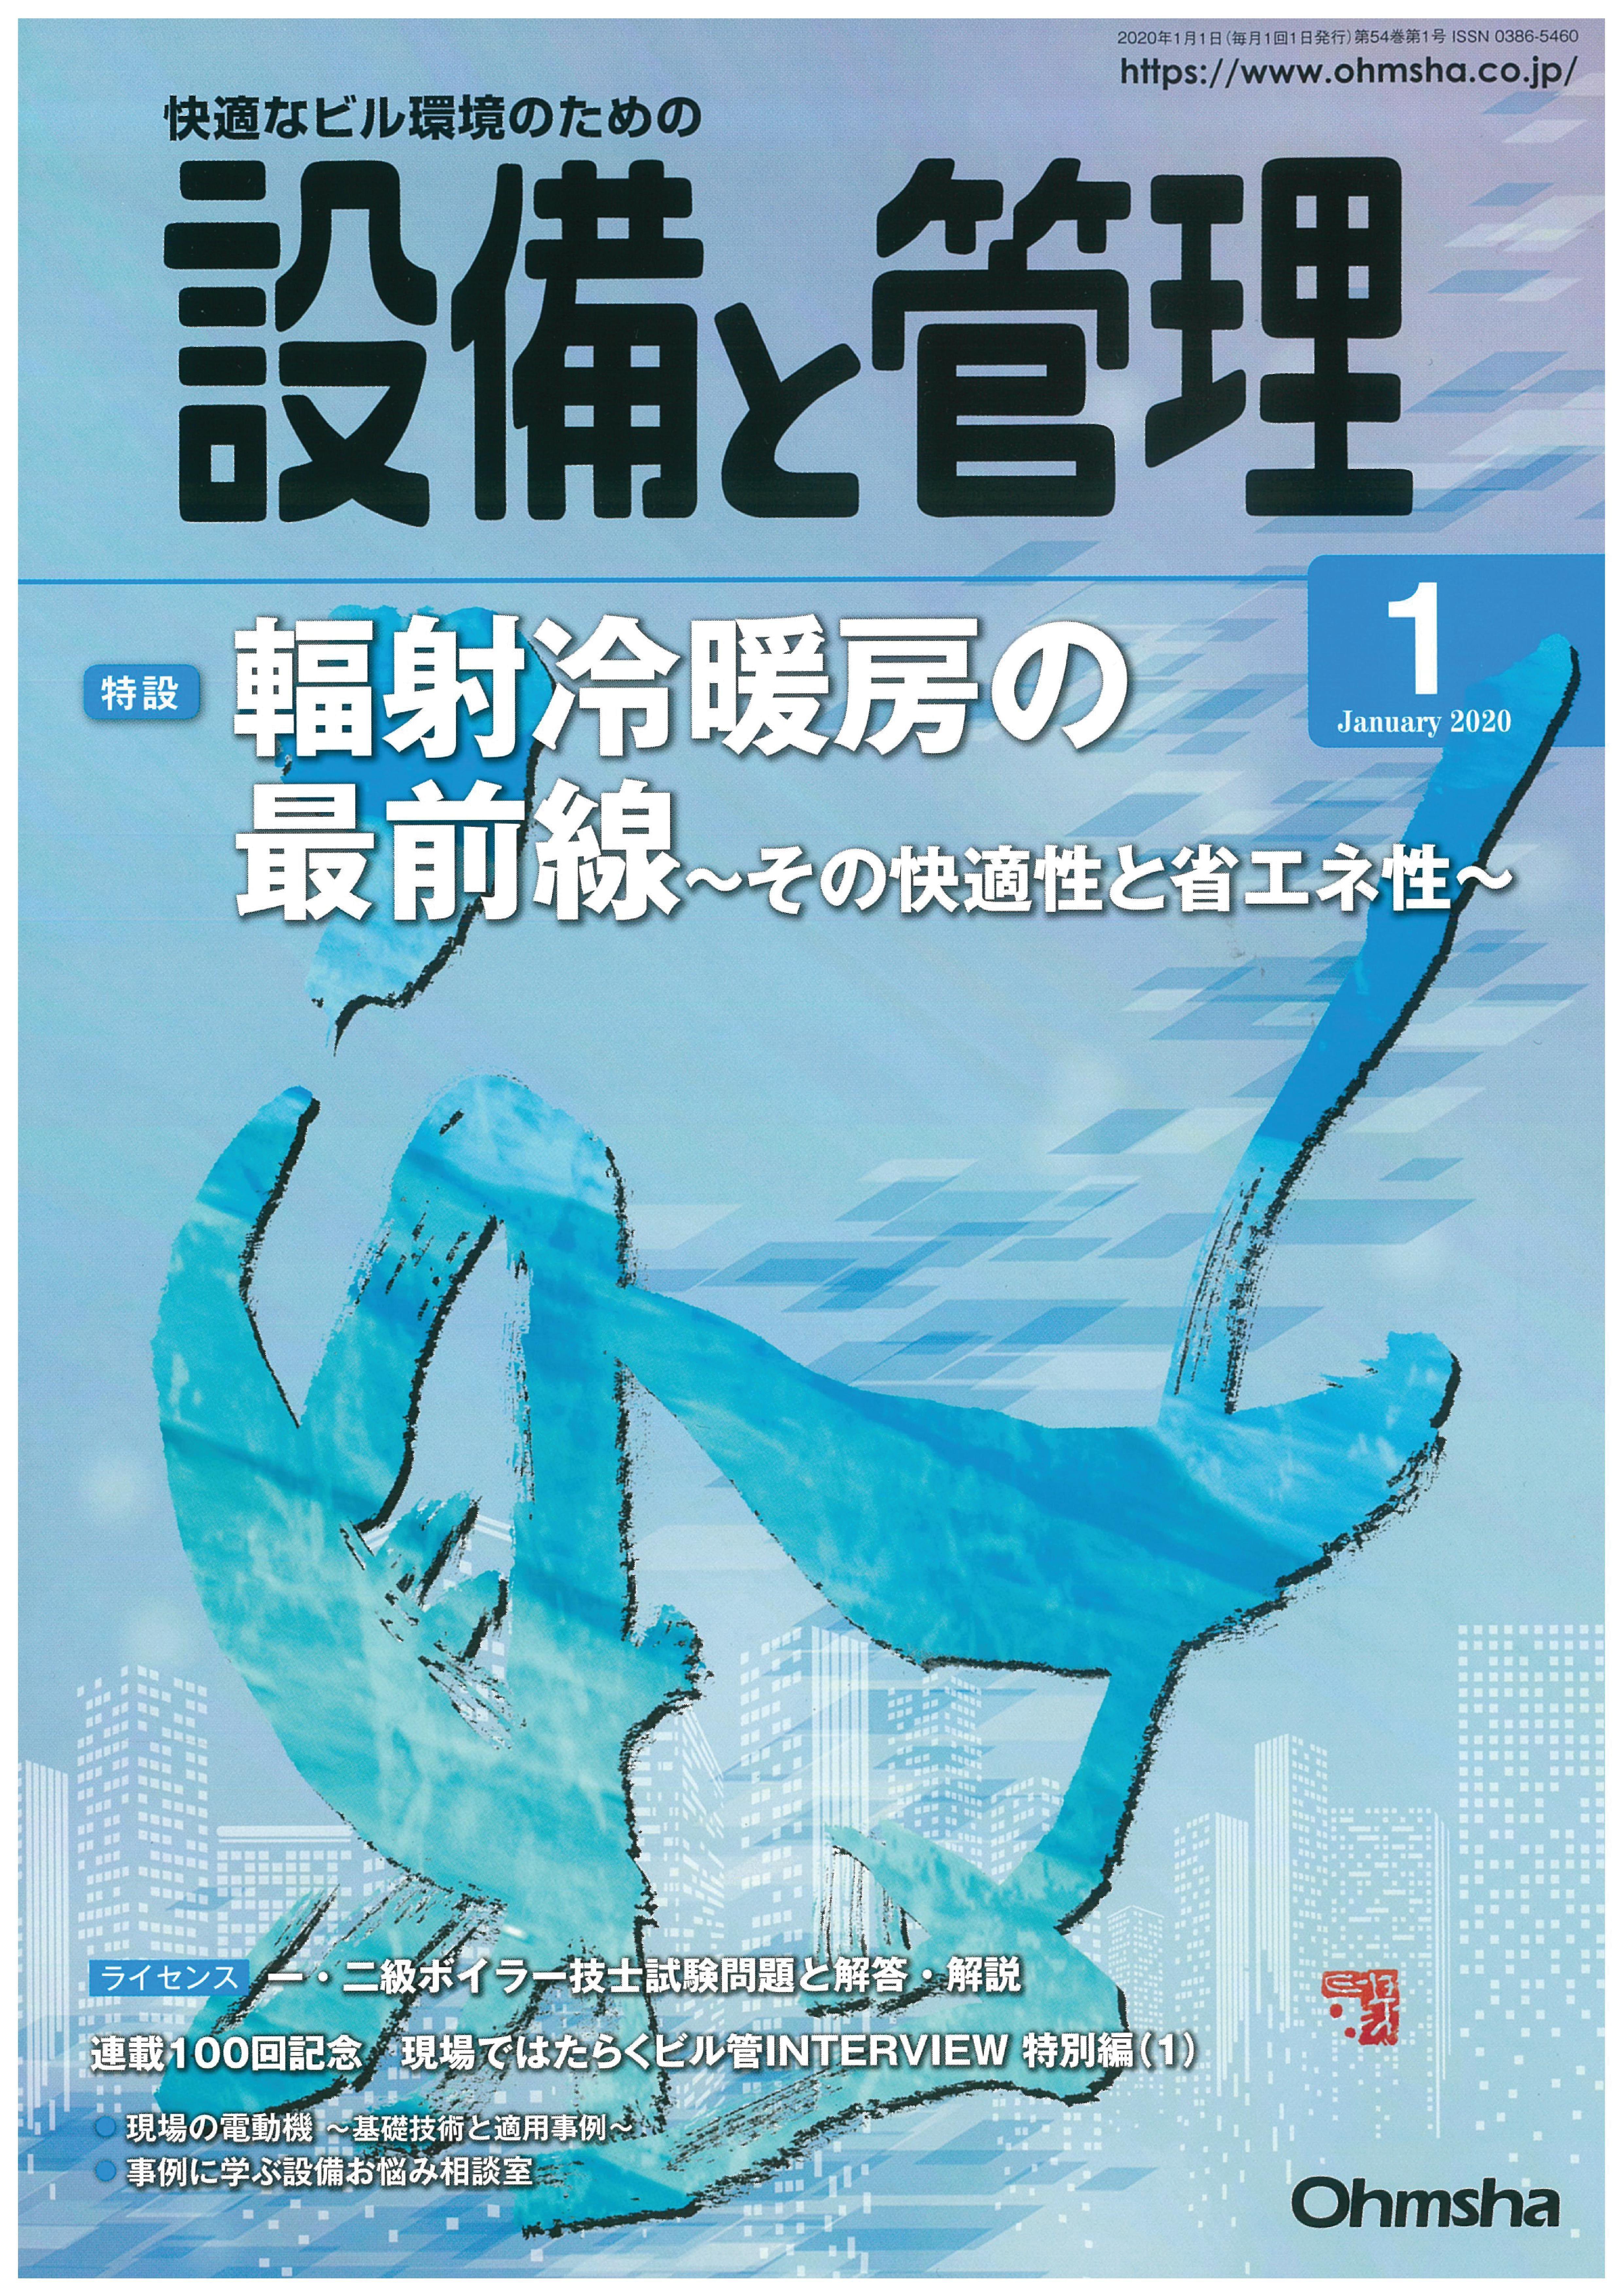 2019_設備と管理_オーム社_3シリーズ掲載資料_-001